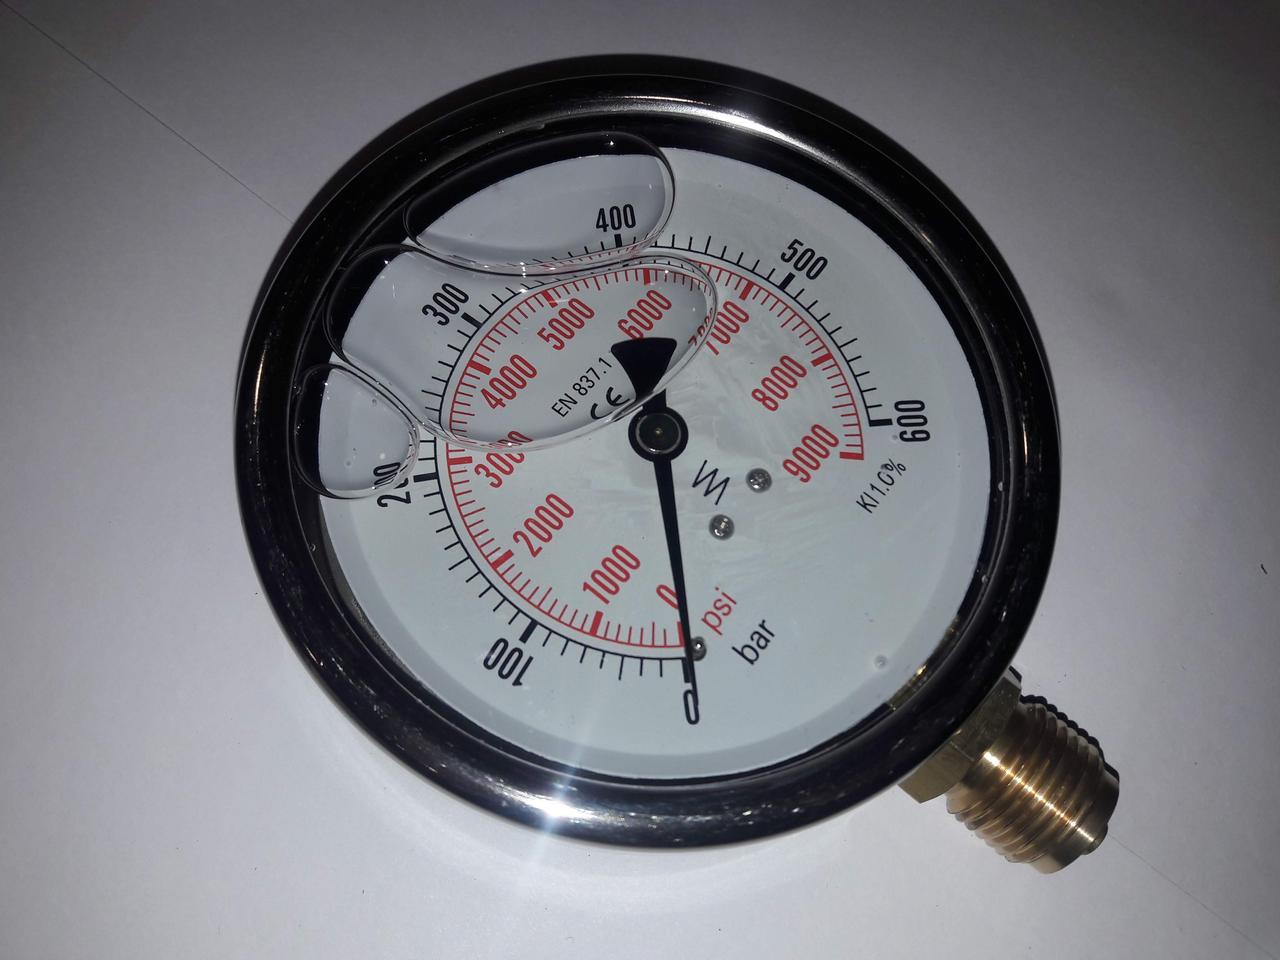 Манометр радиальниый 100мм 4бар 0,4МПа, гидравлический, глицеринонаполненый, глицериновый.